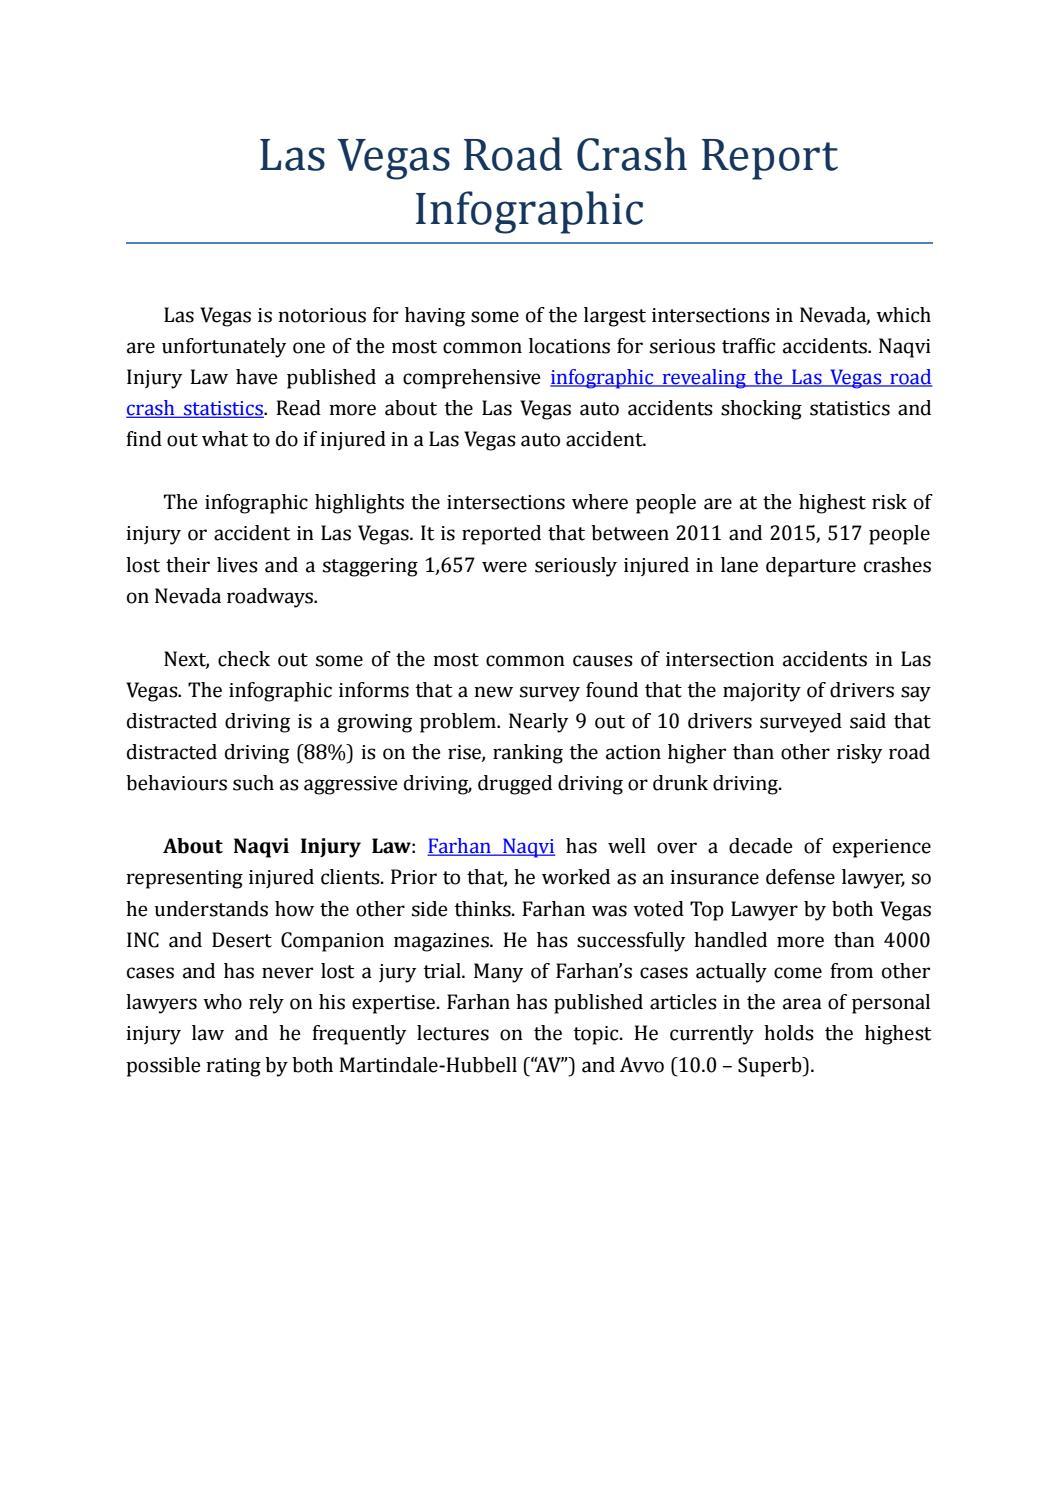 Las Vegas Road Crash Report Infographic by Akash Sharma - issuu